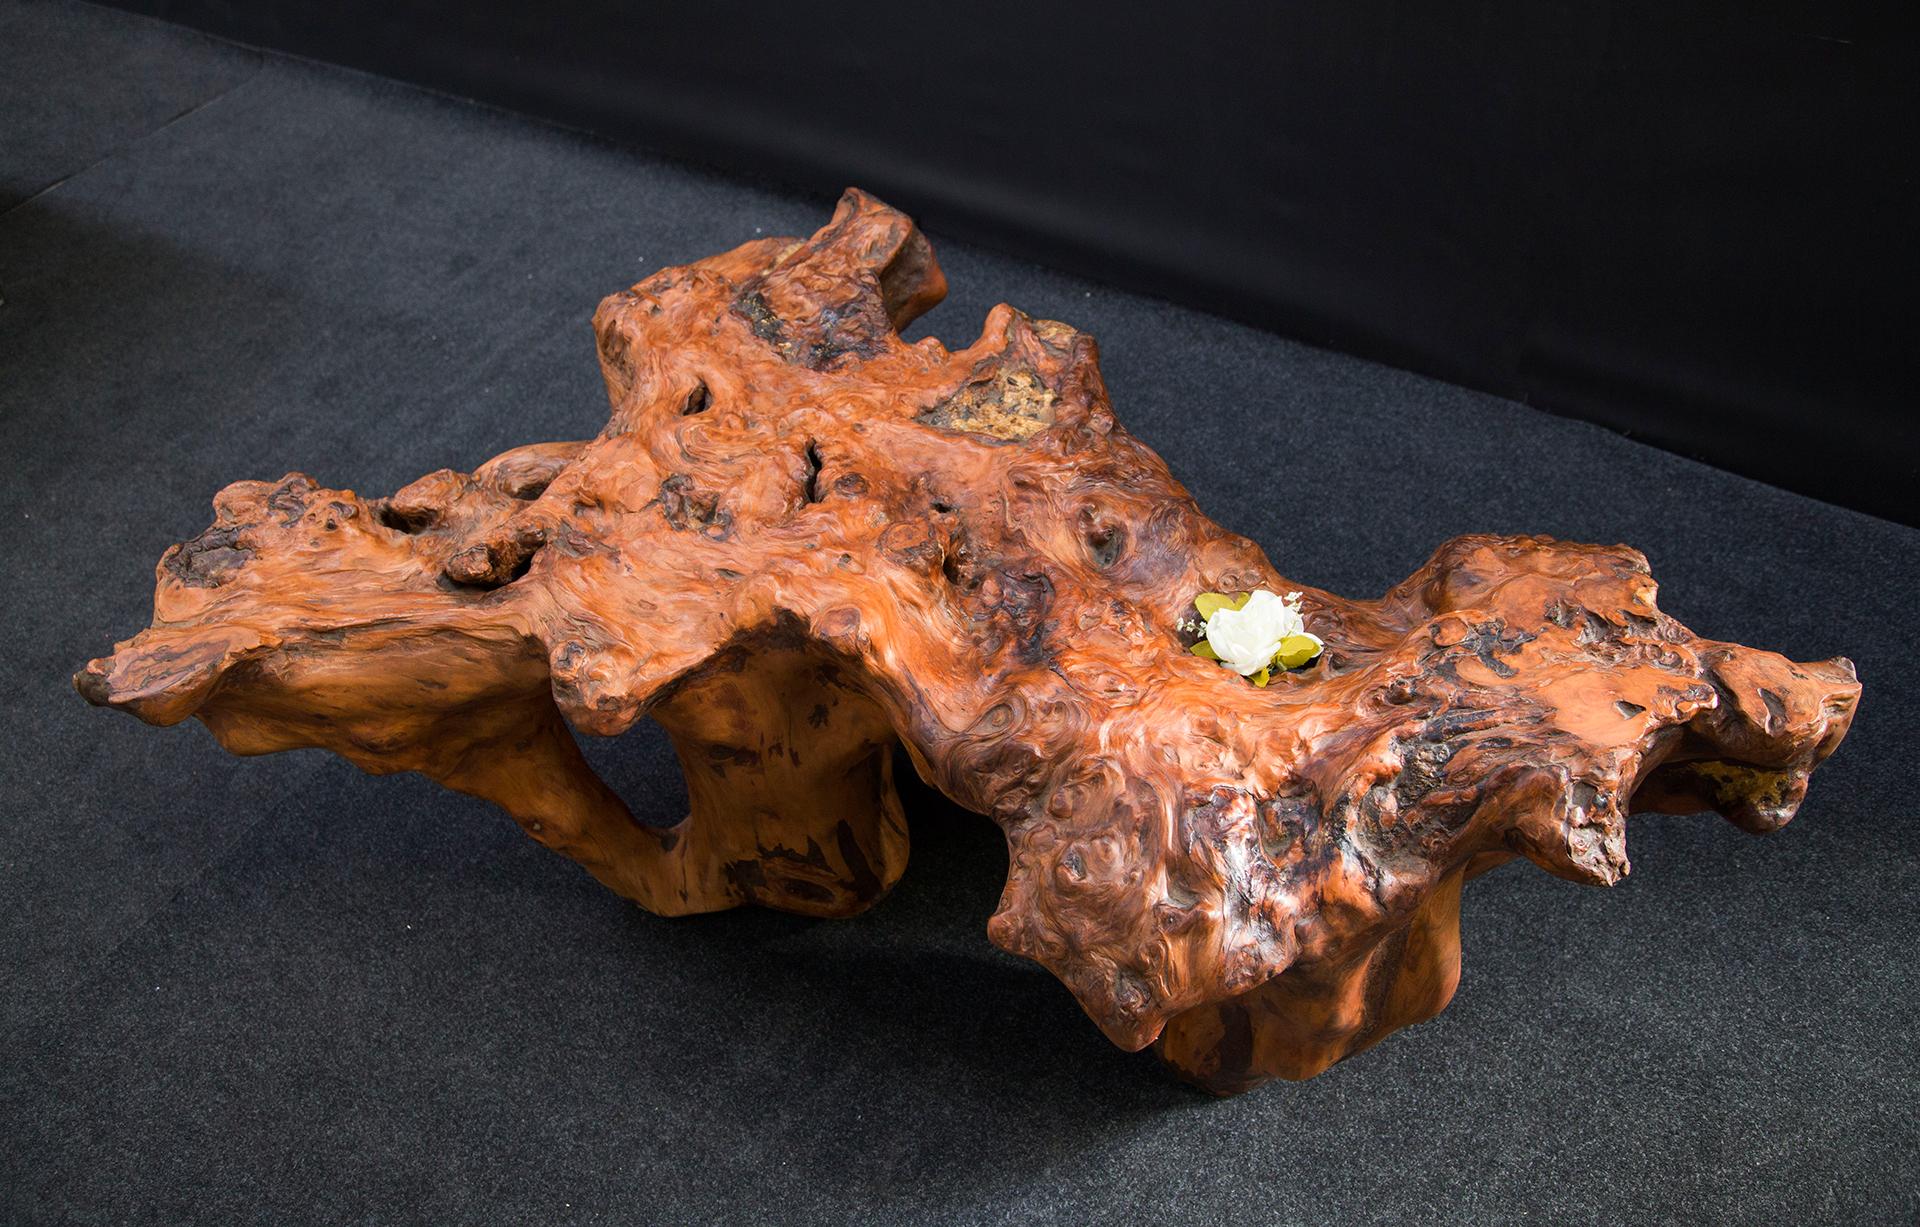 Floral Ancient Kauri burl sculpture